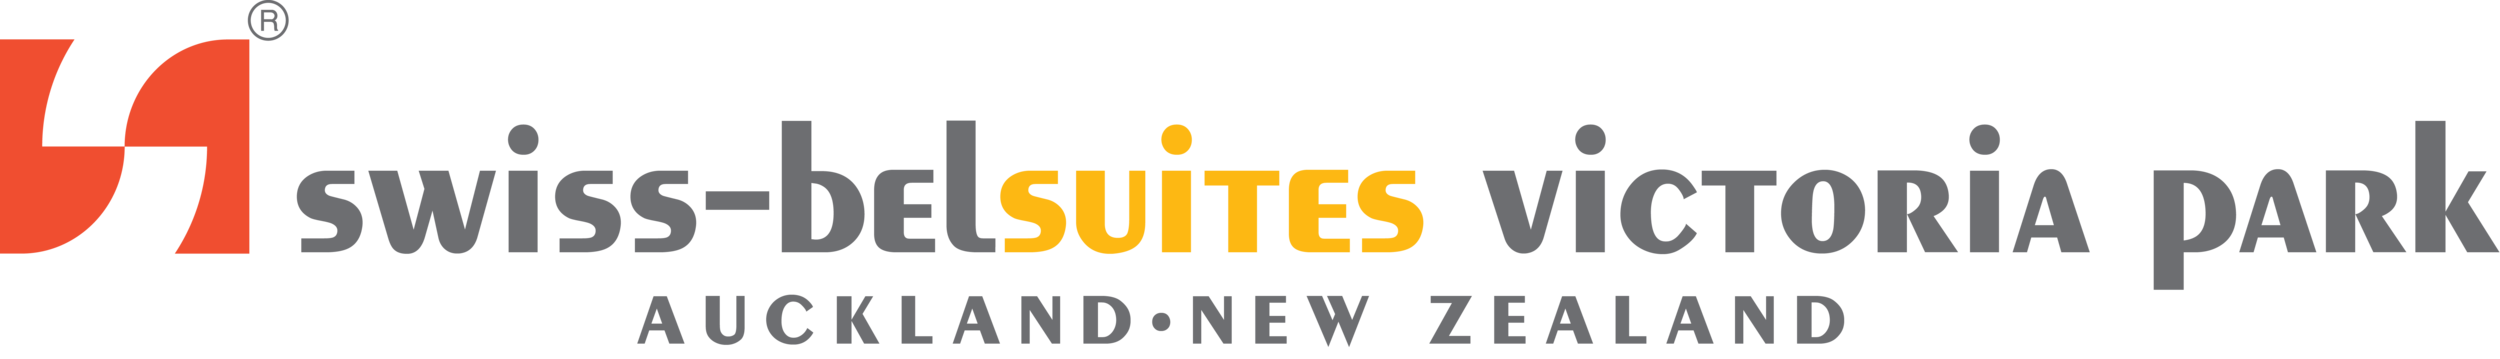 Swiss-Belsuites Victoria Park Logo HI1 (002).png